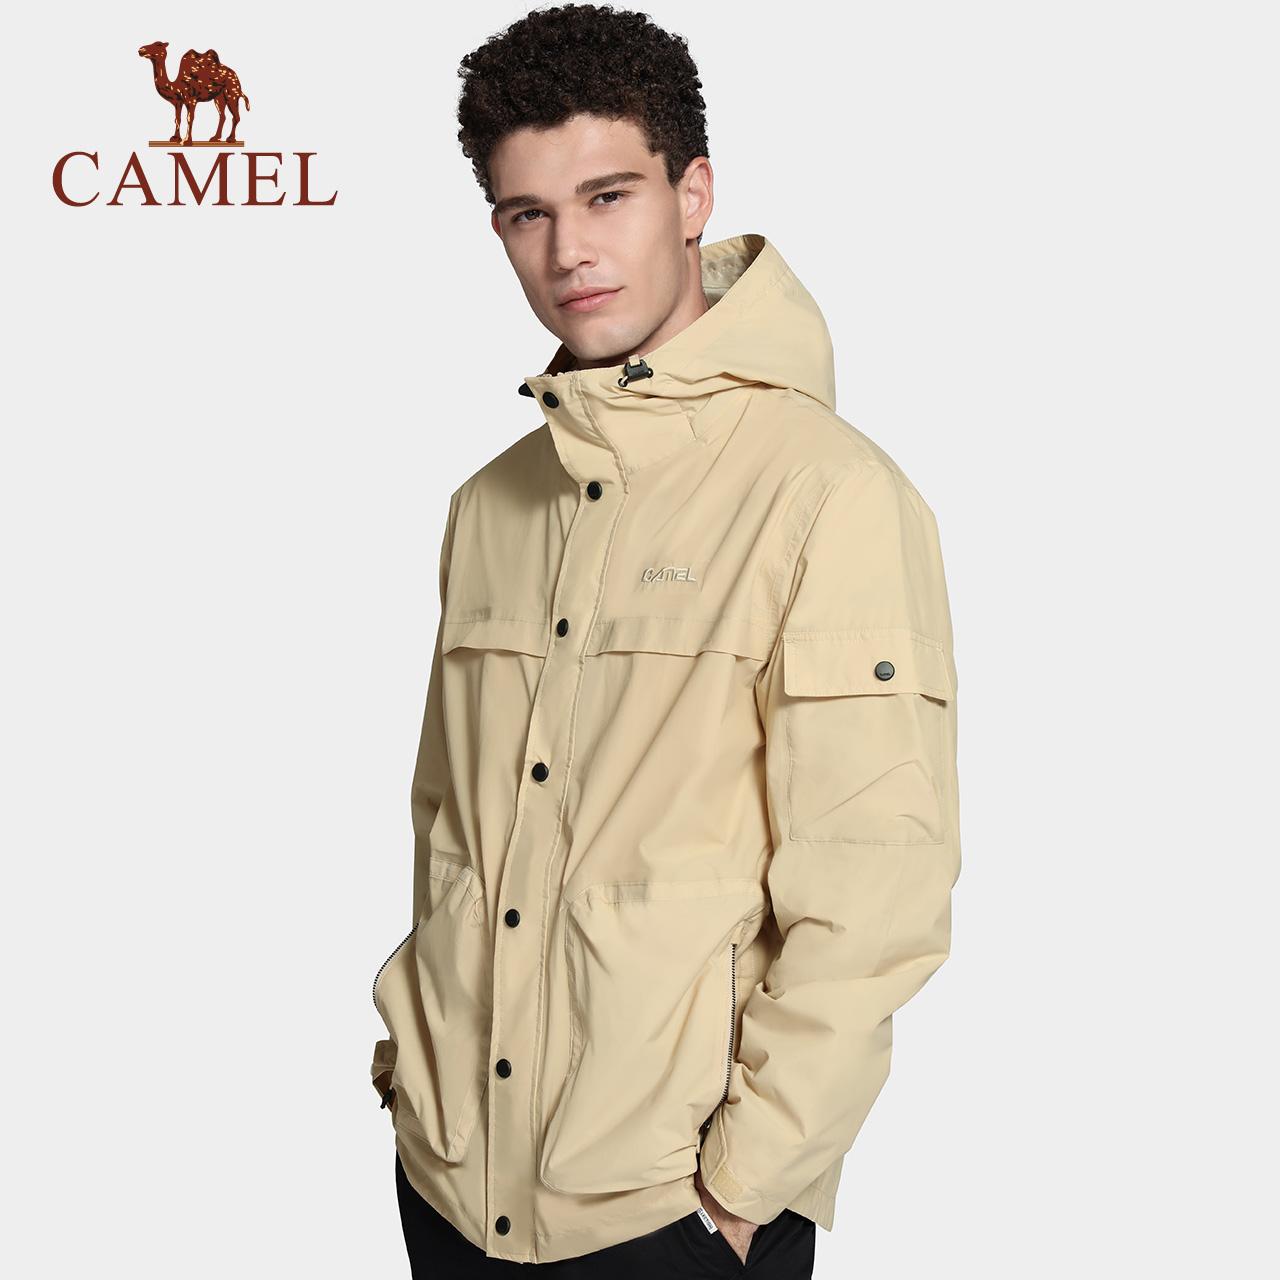 骆驼户外单层冲锋衣男装2020春季防水透气防风外套多口袋夹克上衣